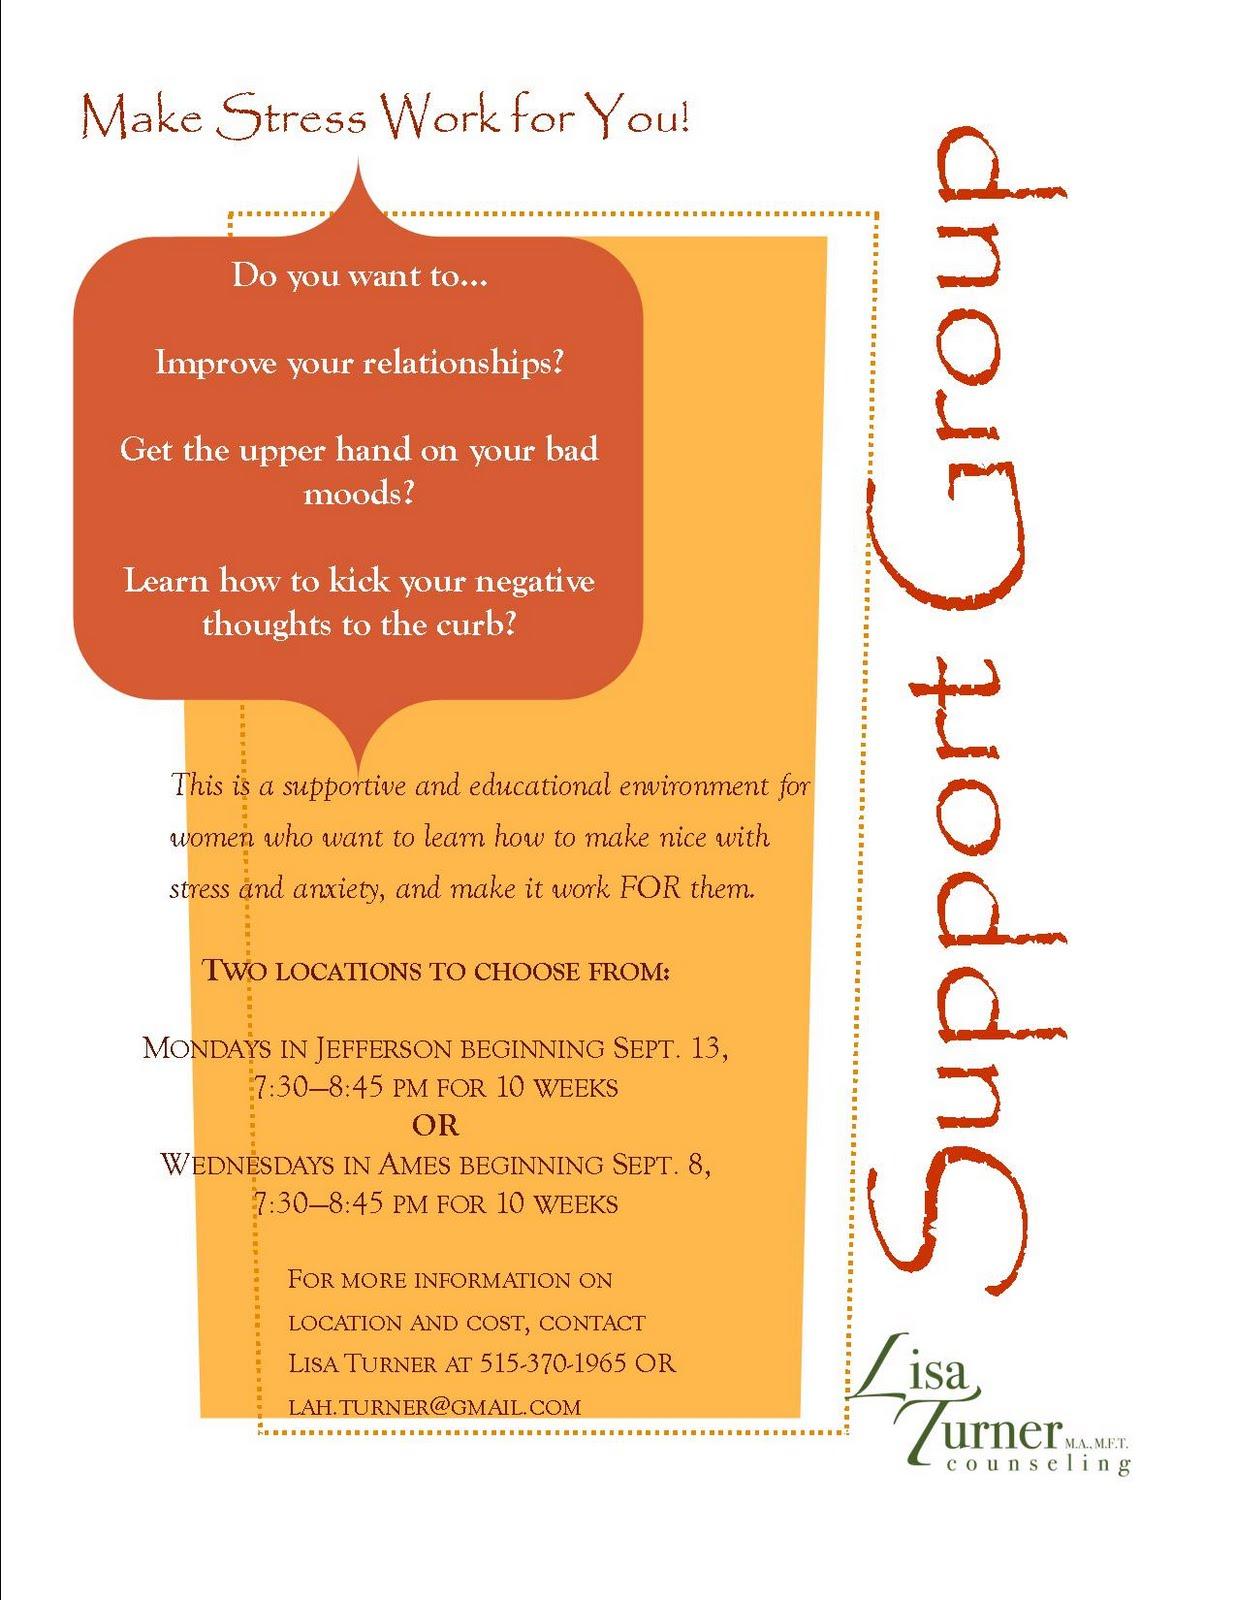 caregiver support group flyer template. Black Bedroom Furniture Sets. Home Design Ideas